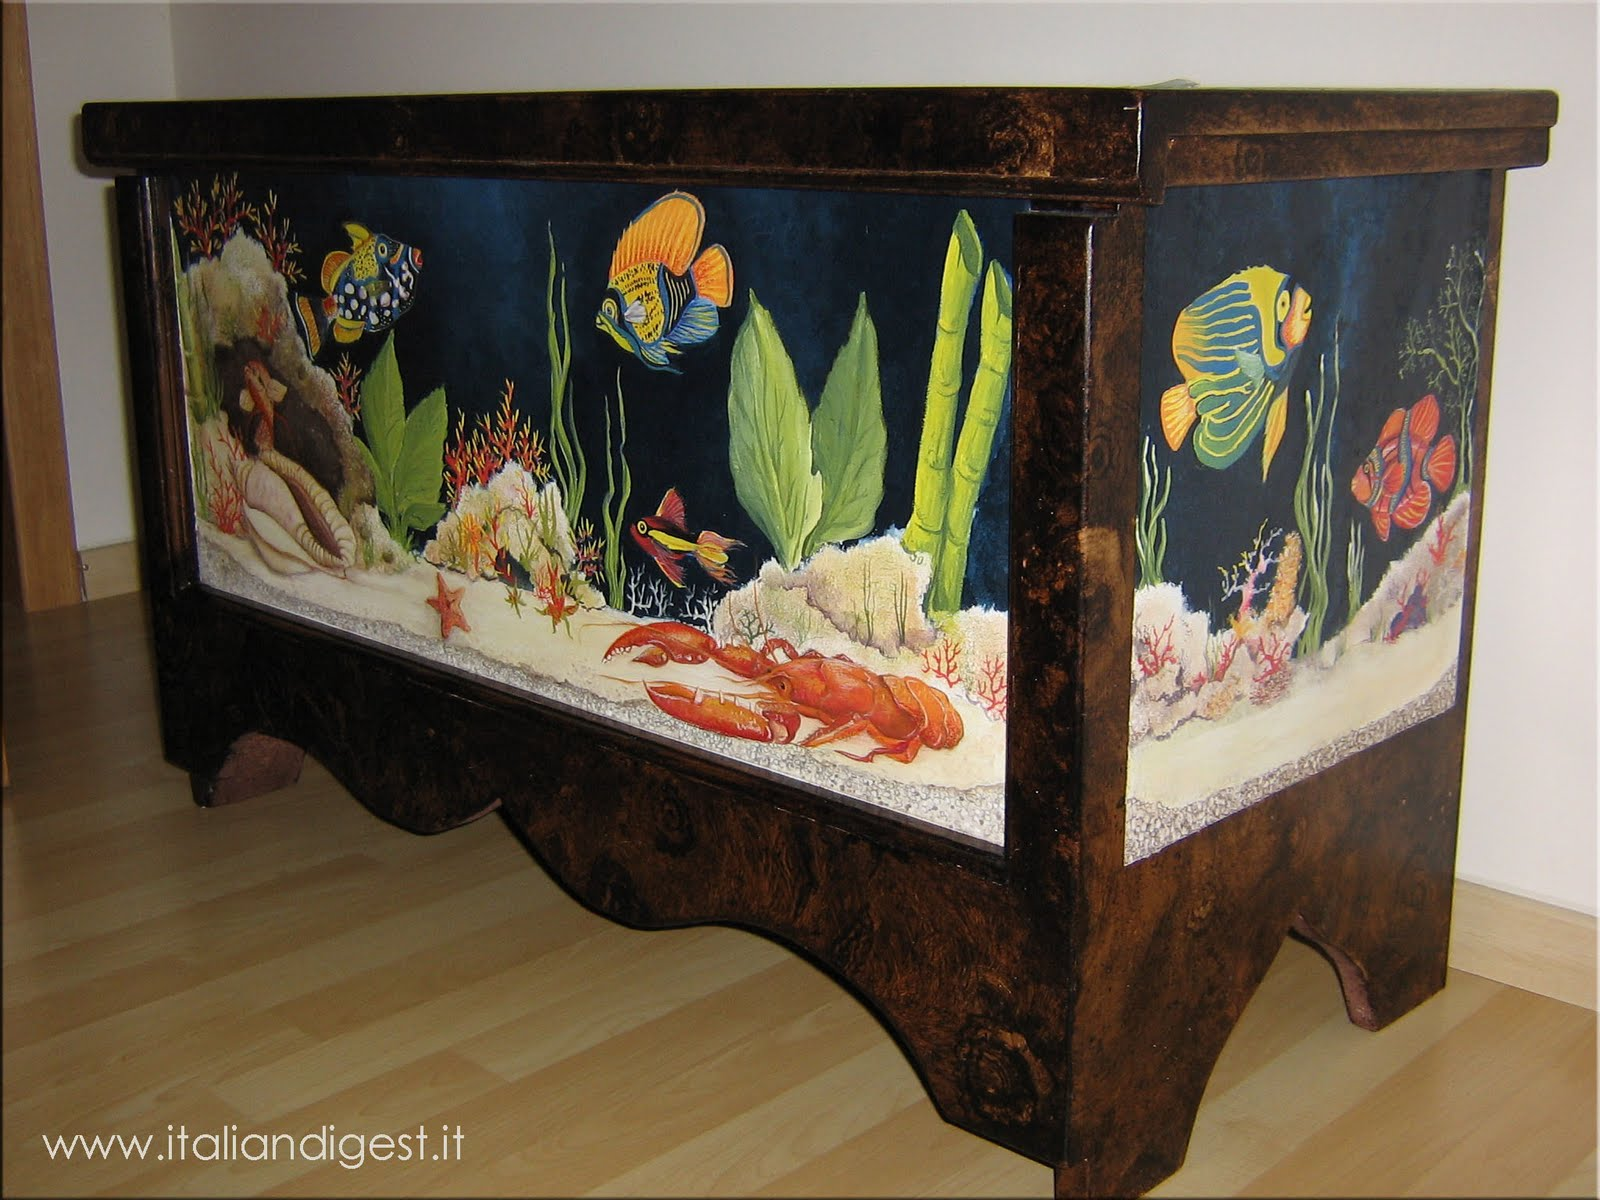 Mobile decorato con acquario arte ivan donato - Acquario mobile ...